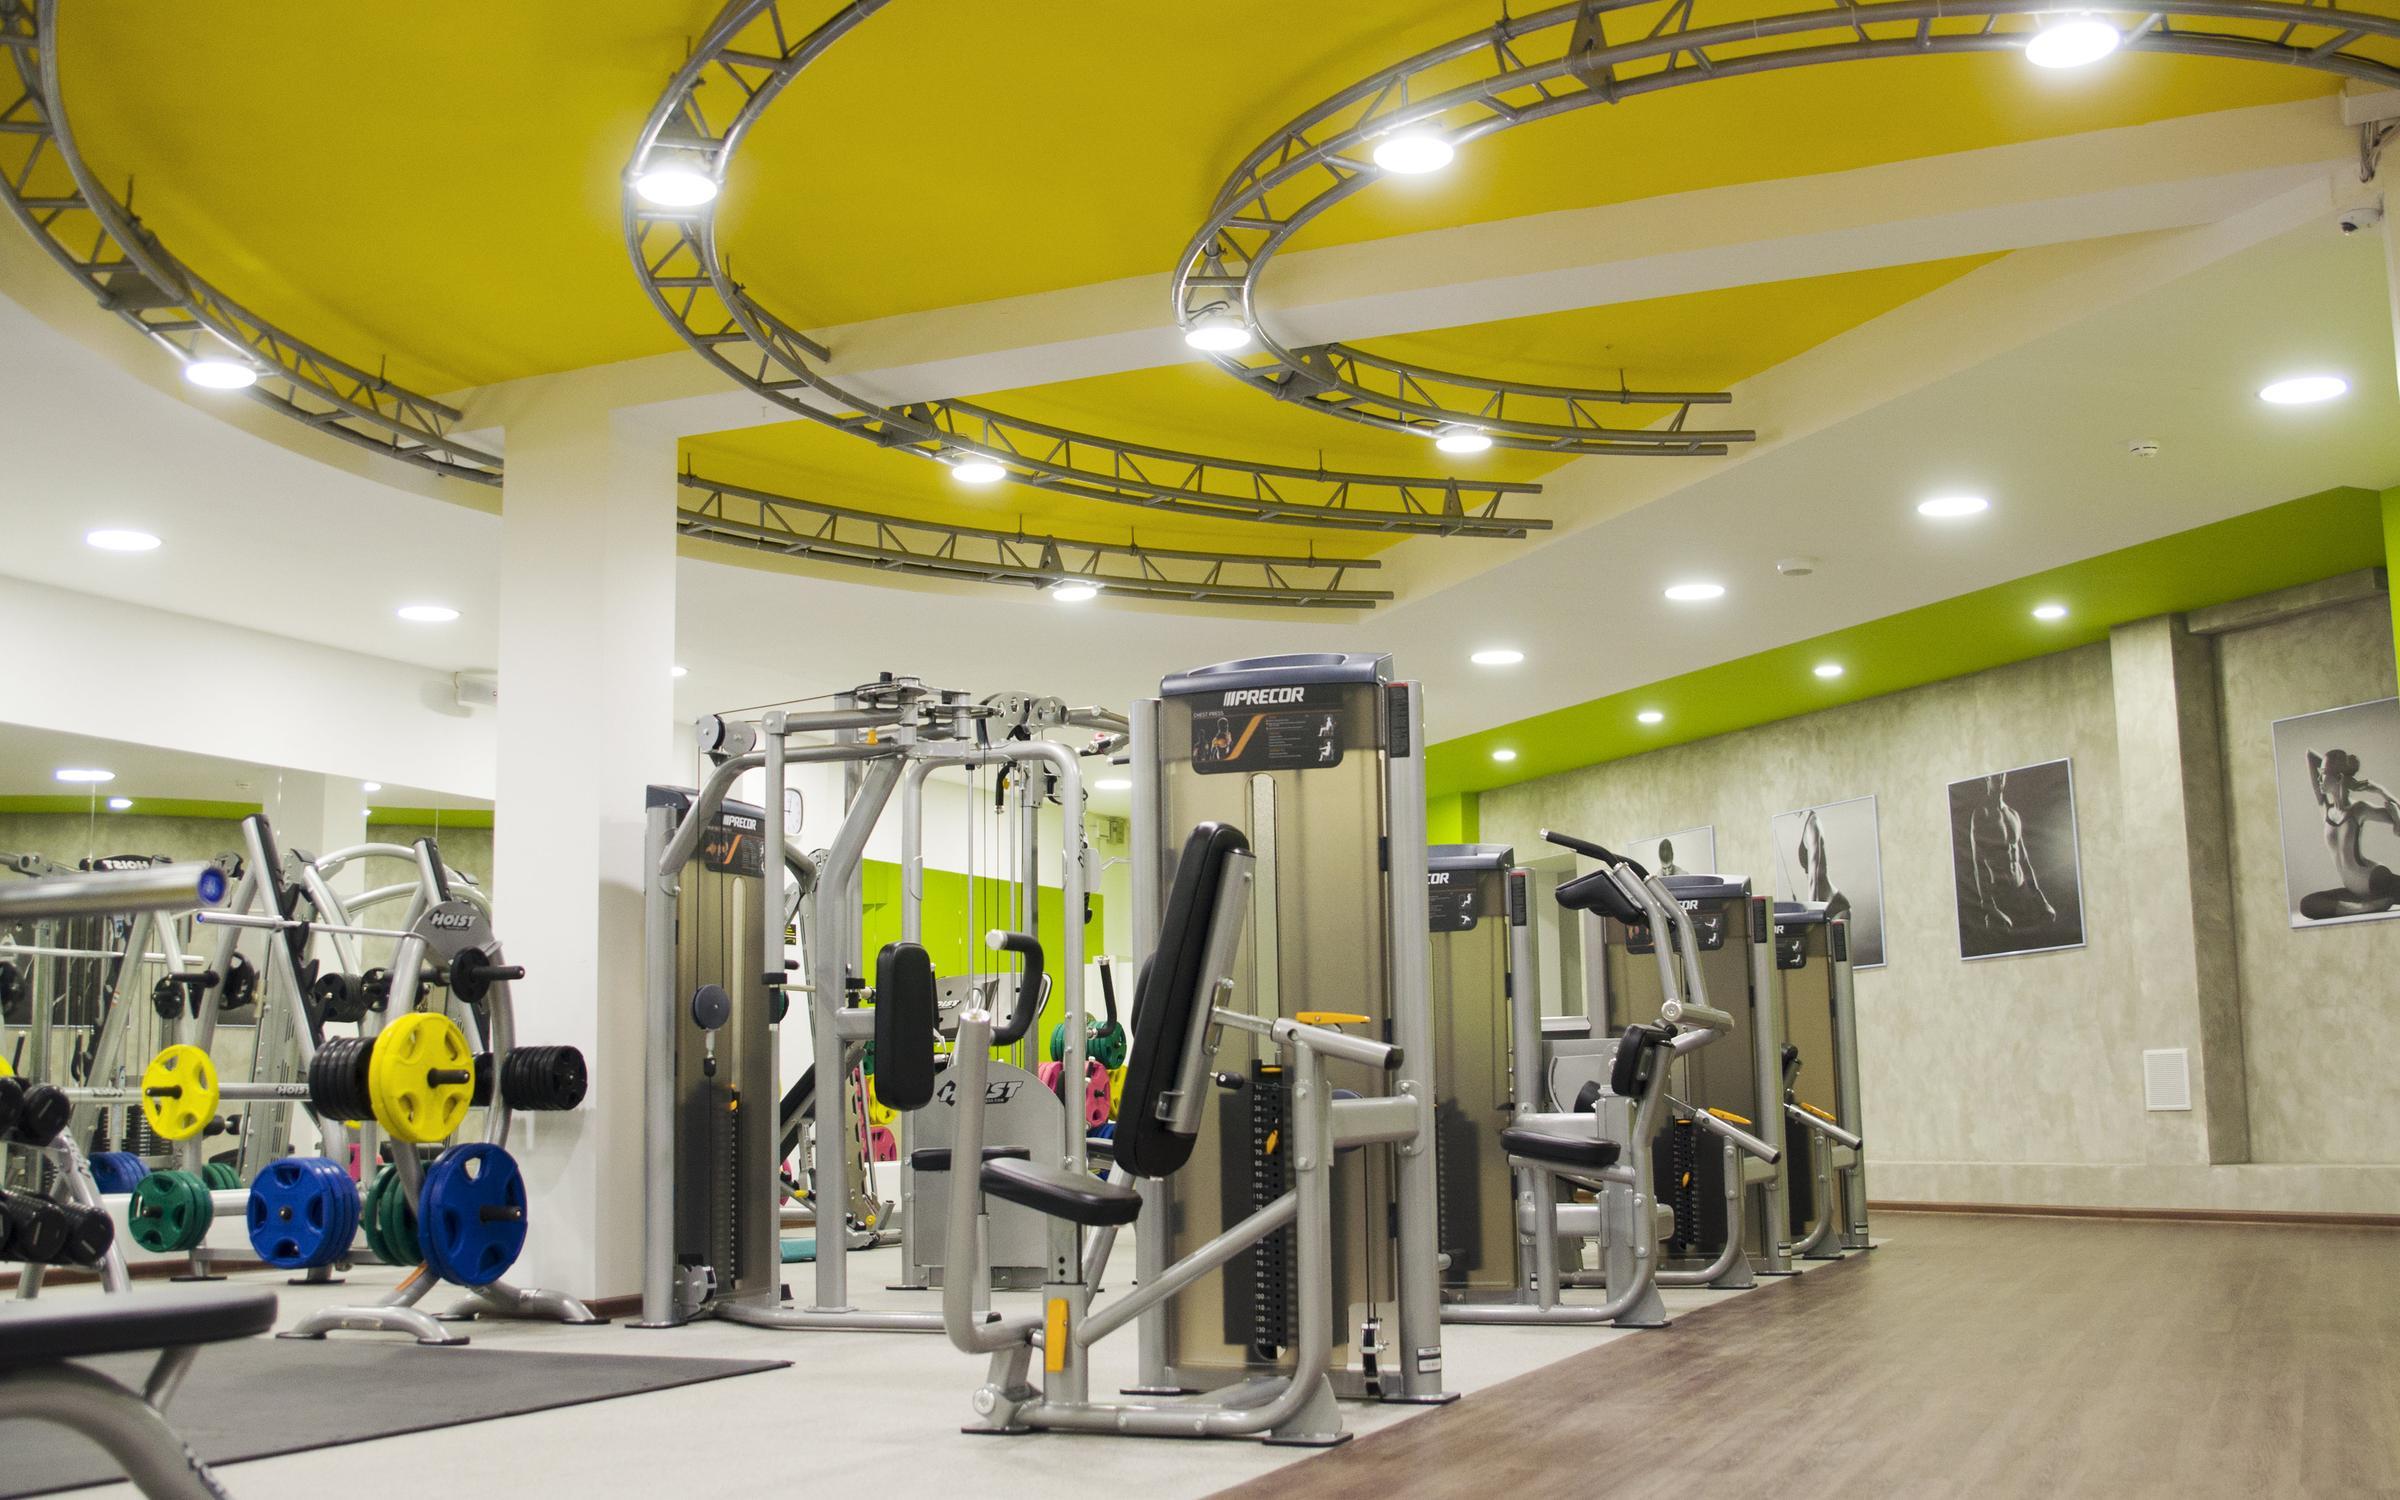 Акватория фитнес клуб москва фото ночных клубов скачать